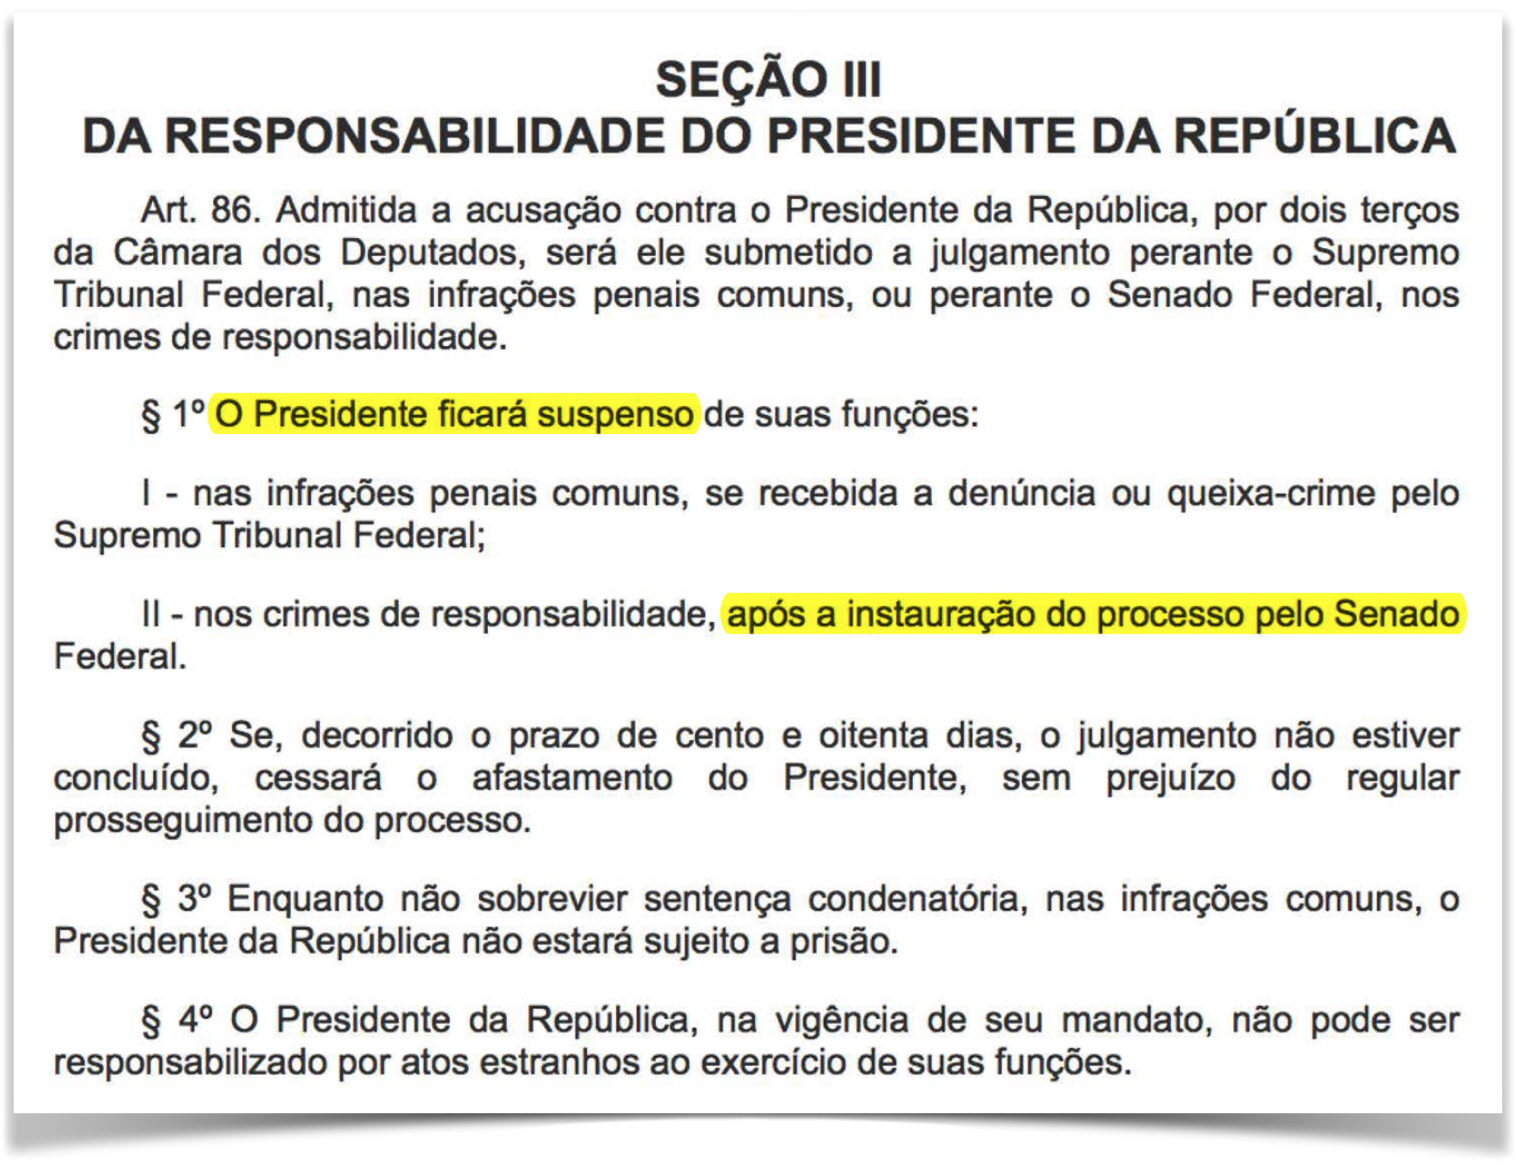 Artigo 5  da constituicao brasileira